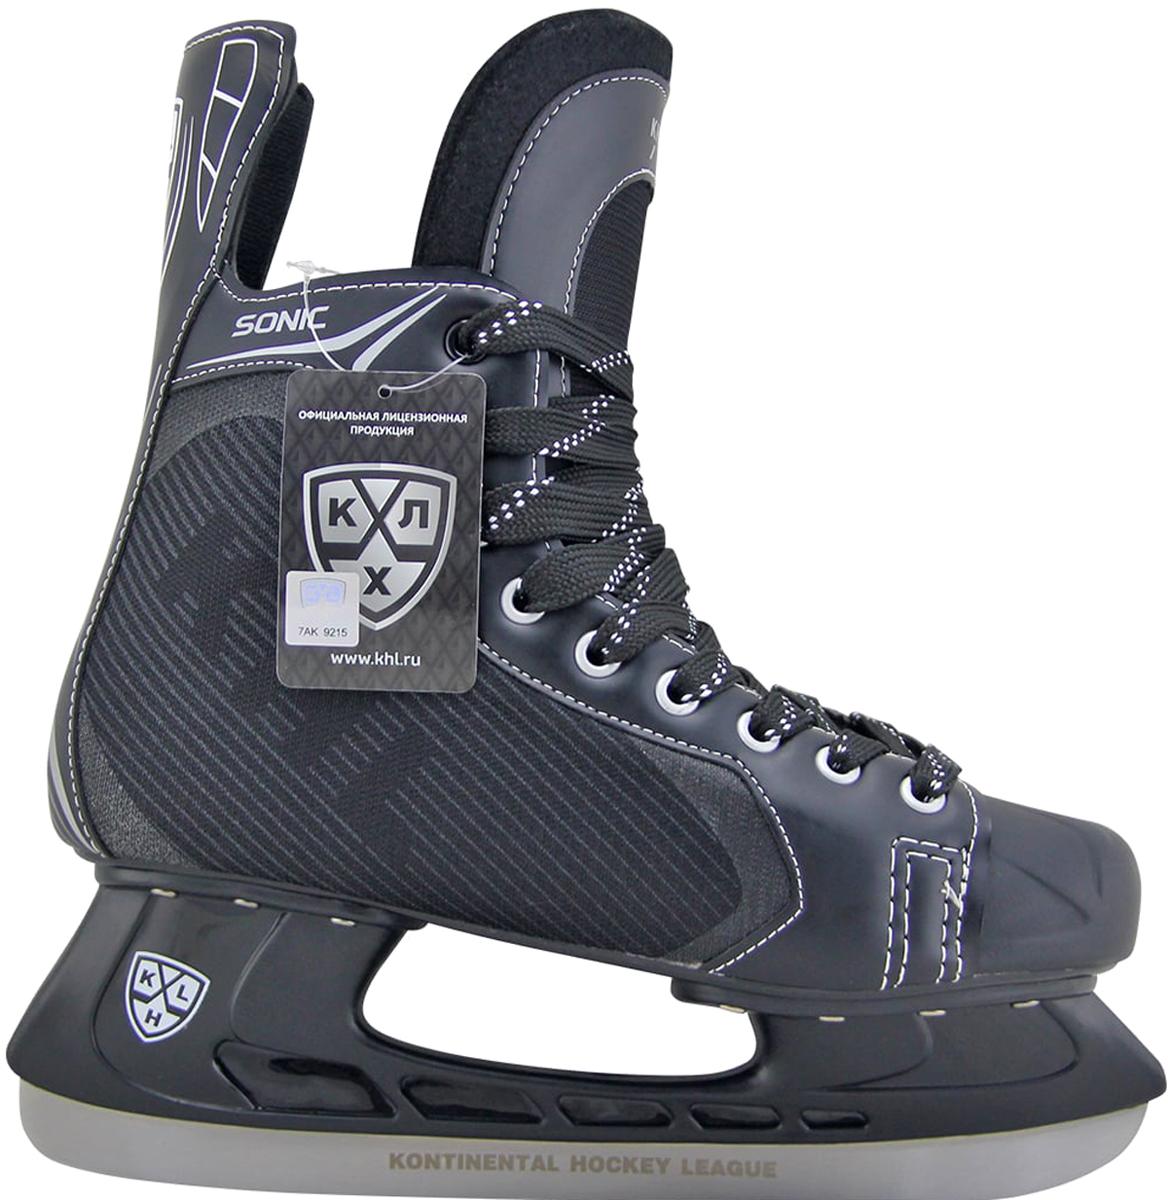 """Коньки хоккейные мужские KHL """"Sonic"""", цвет: черный, серый, белый. Размер 41"""